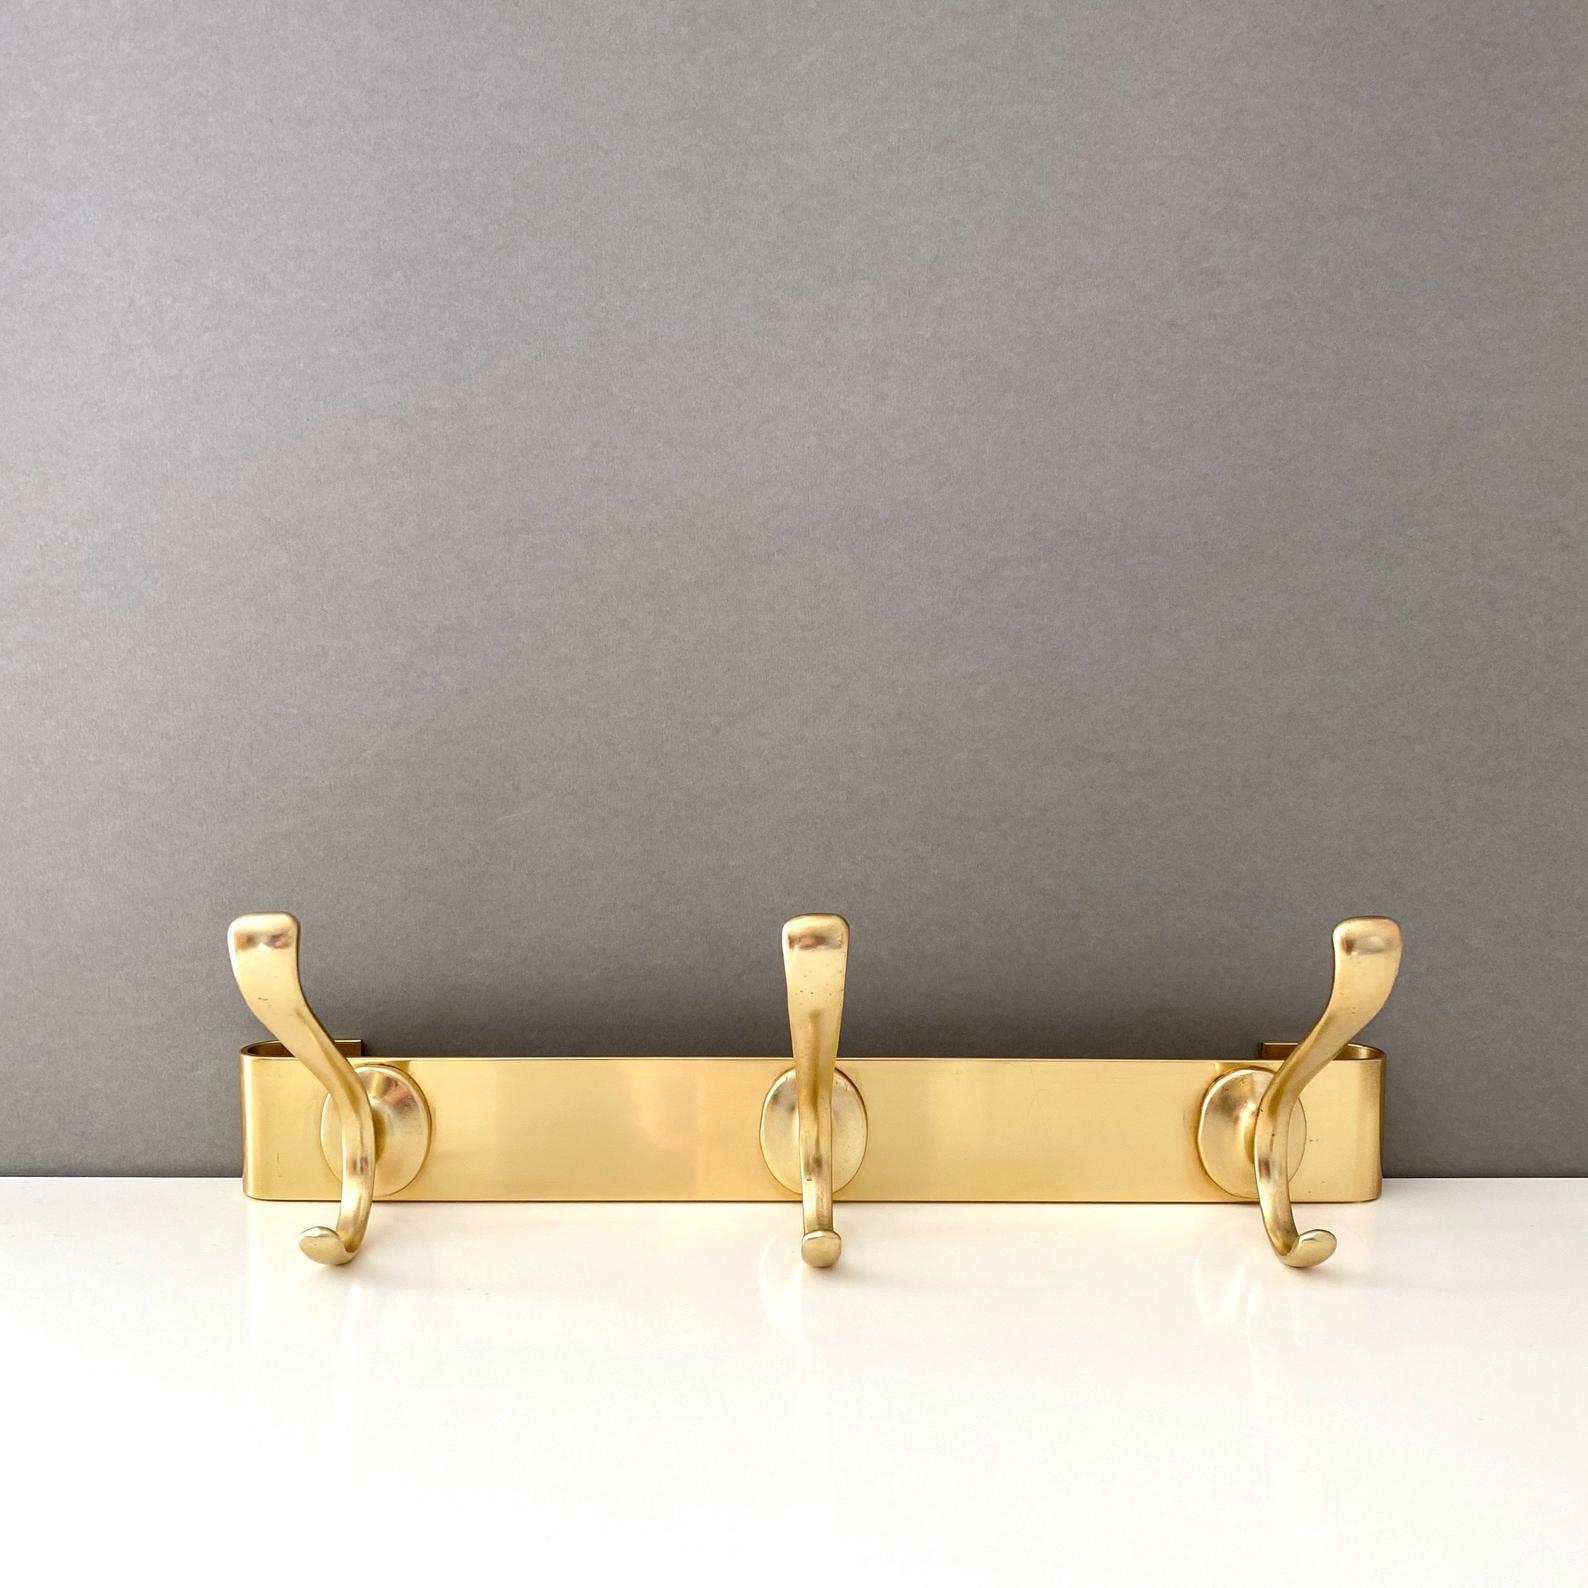 Garderobenhaken Gold Ikea